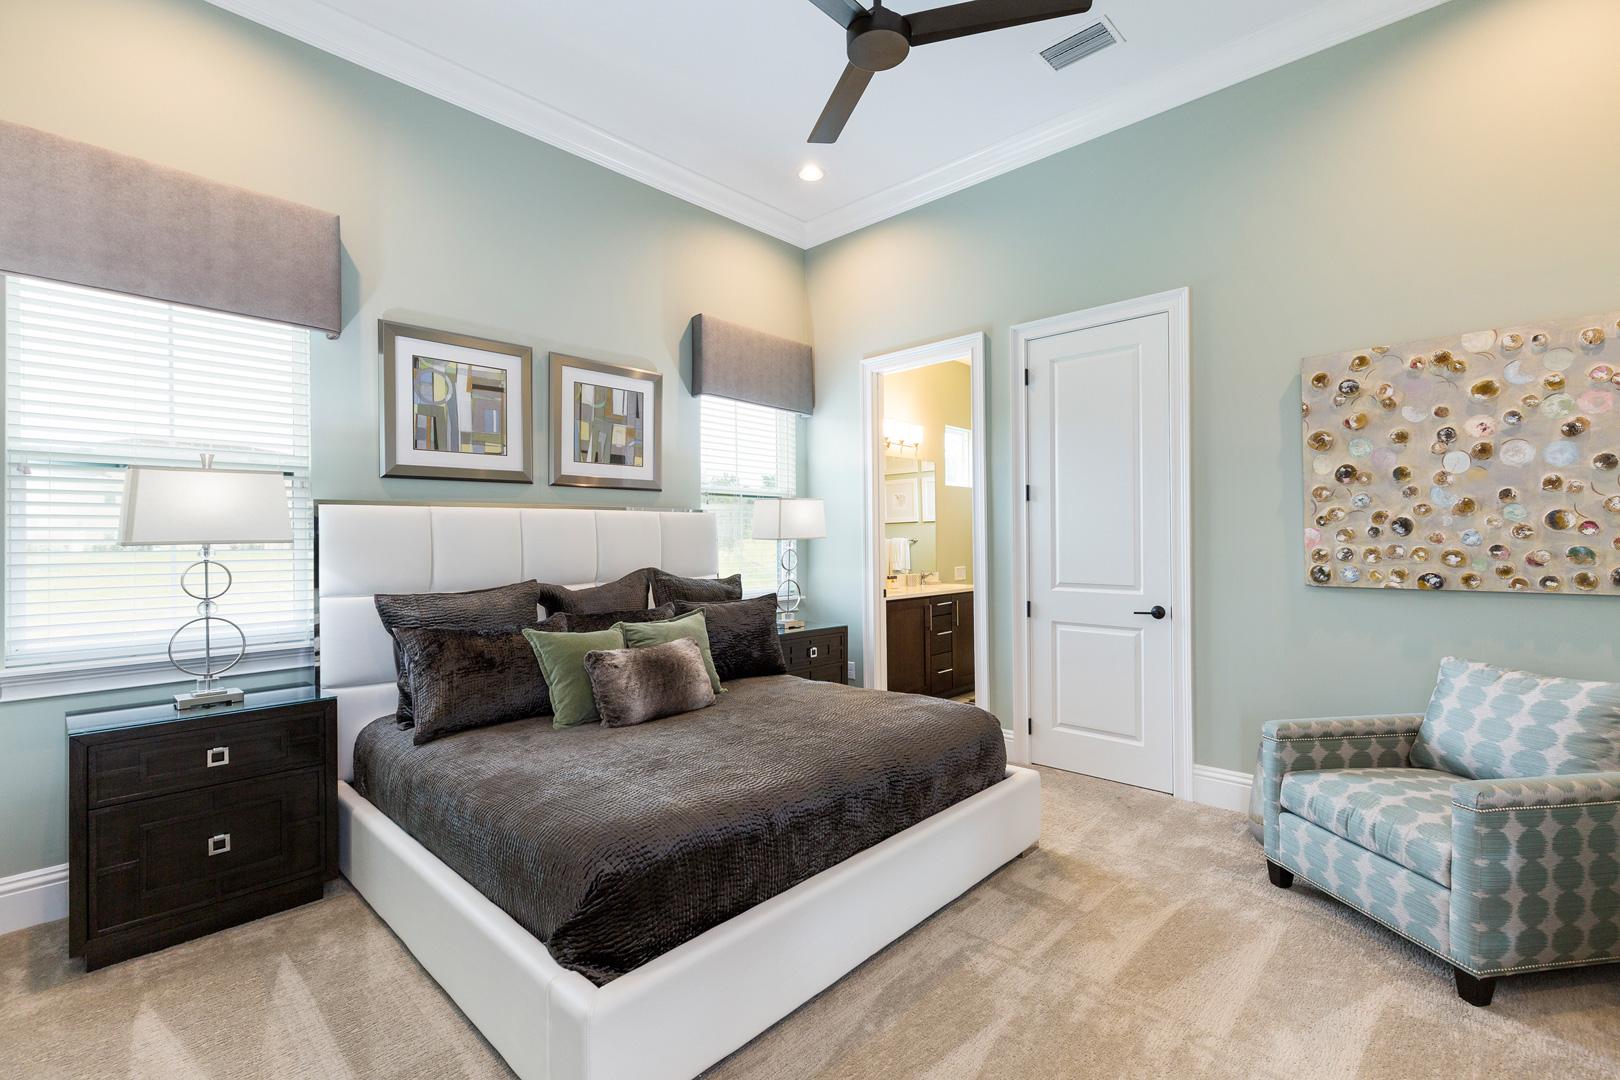 Bedrooms80